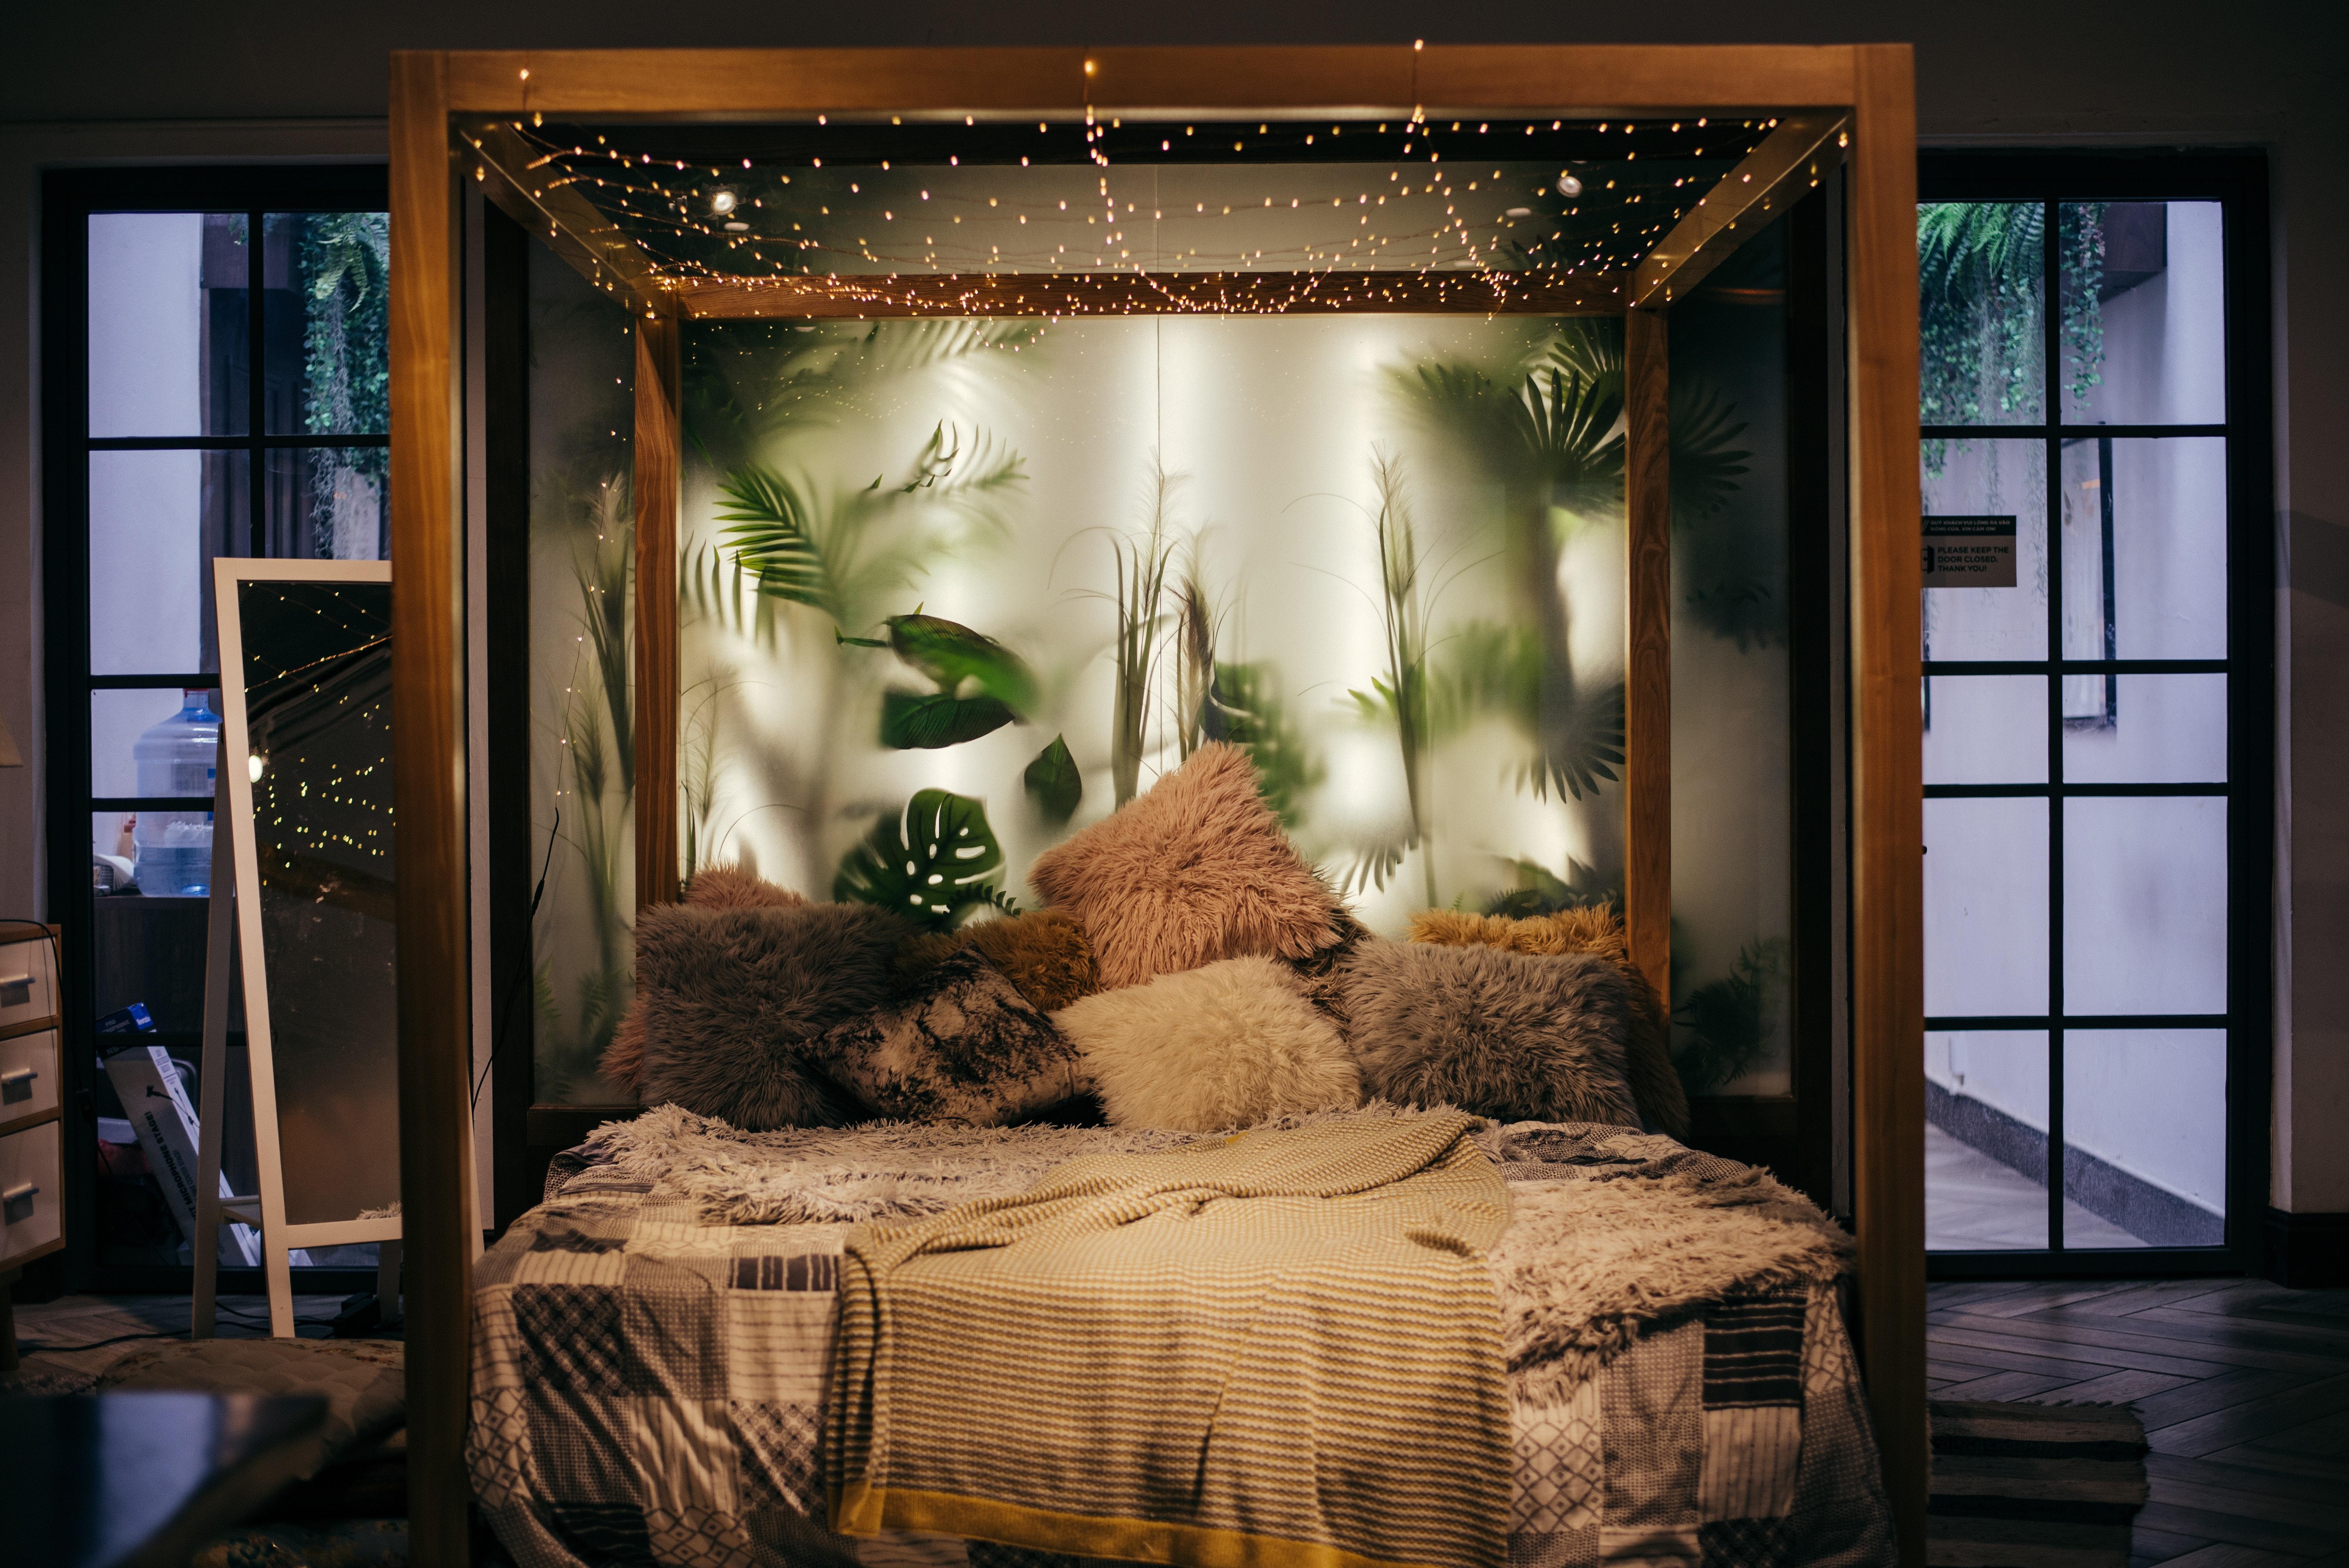 string-lights-hanged-on-bed-frame-132971.jpg